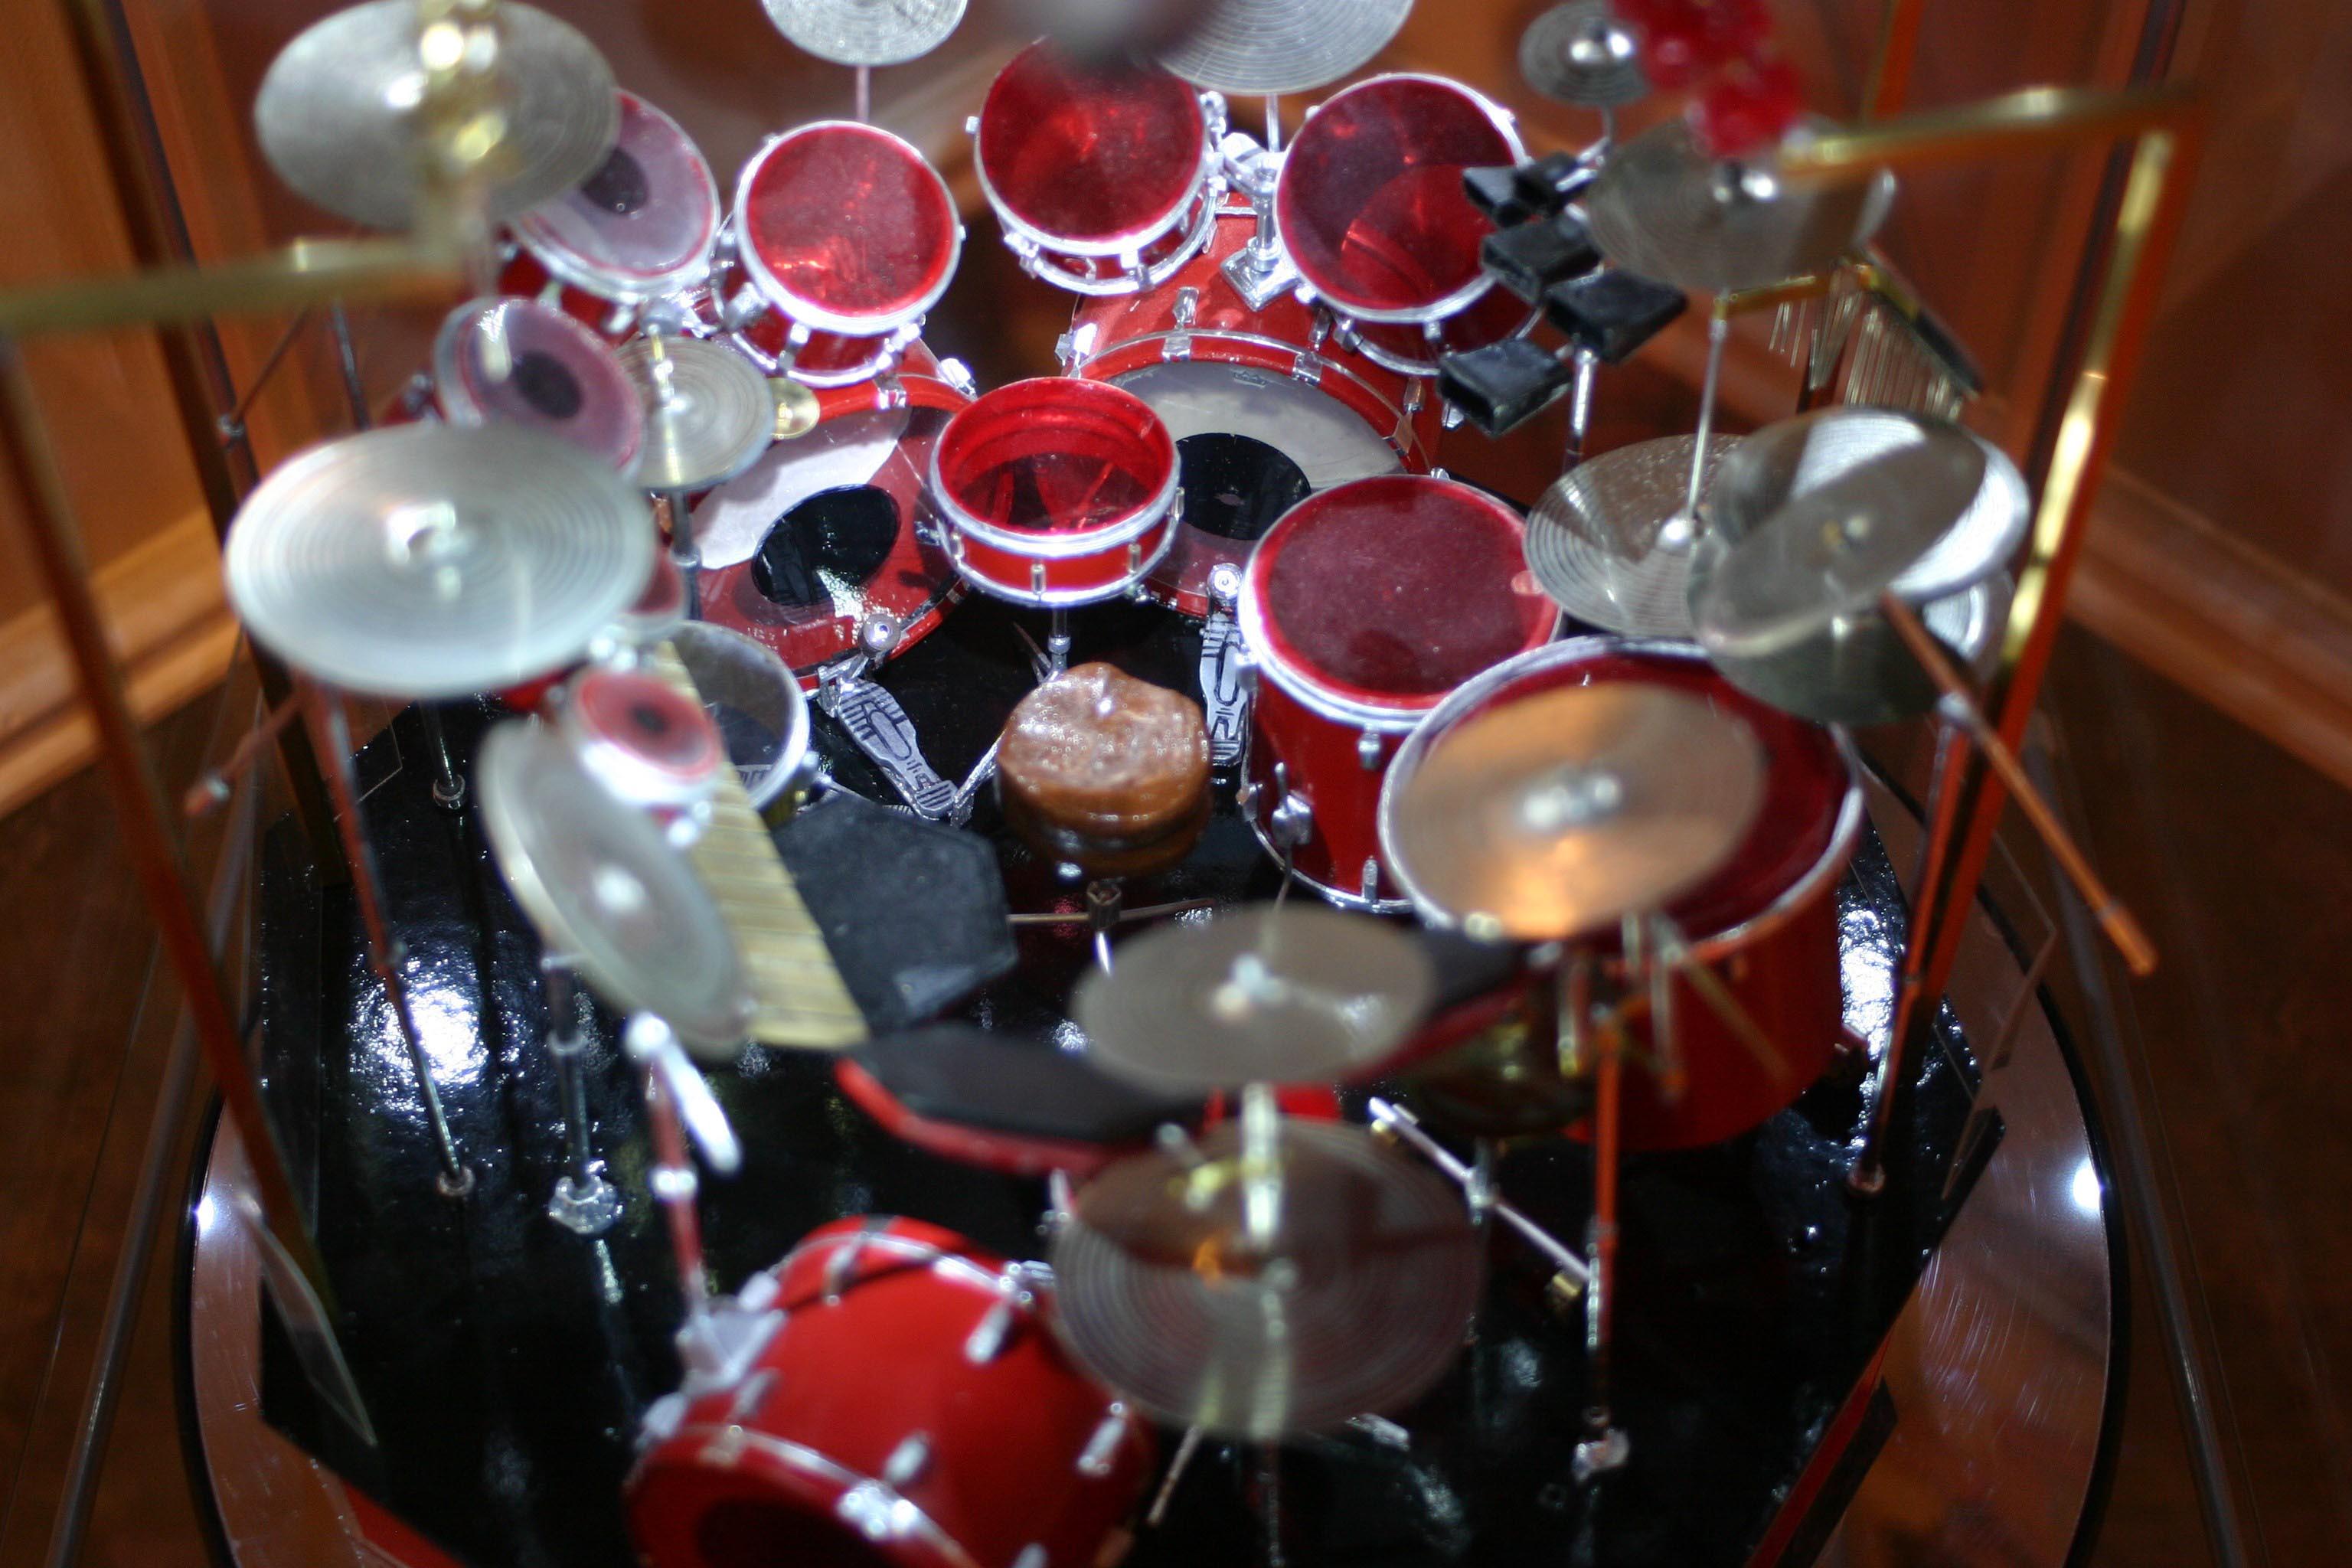 Neil Peart Drum Kit Model By Domenic Nardone